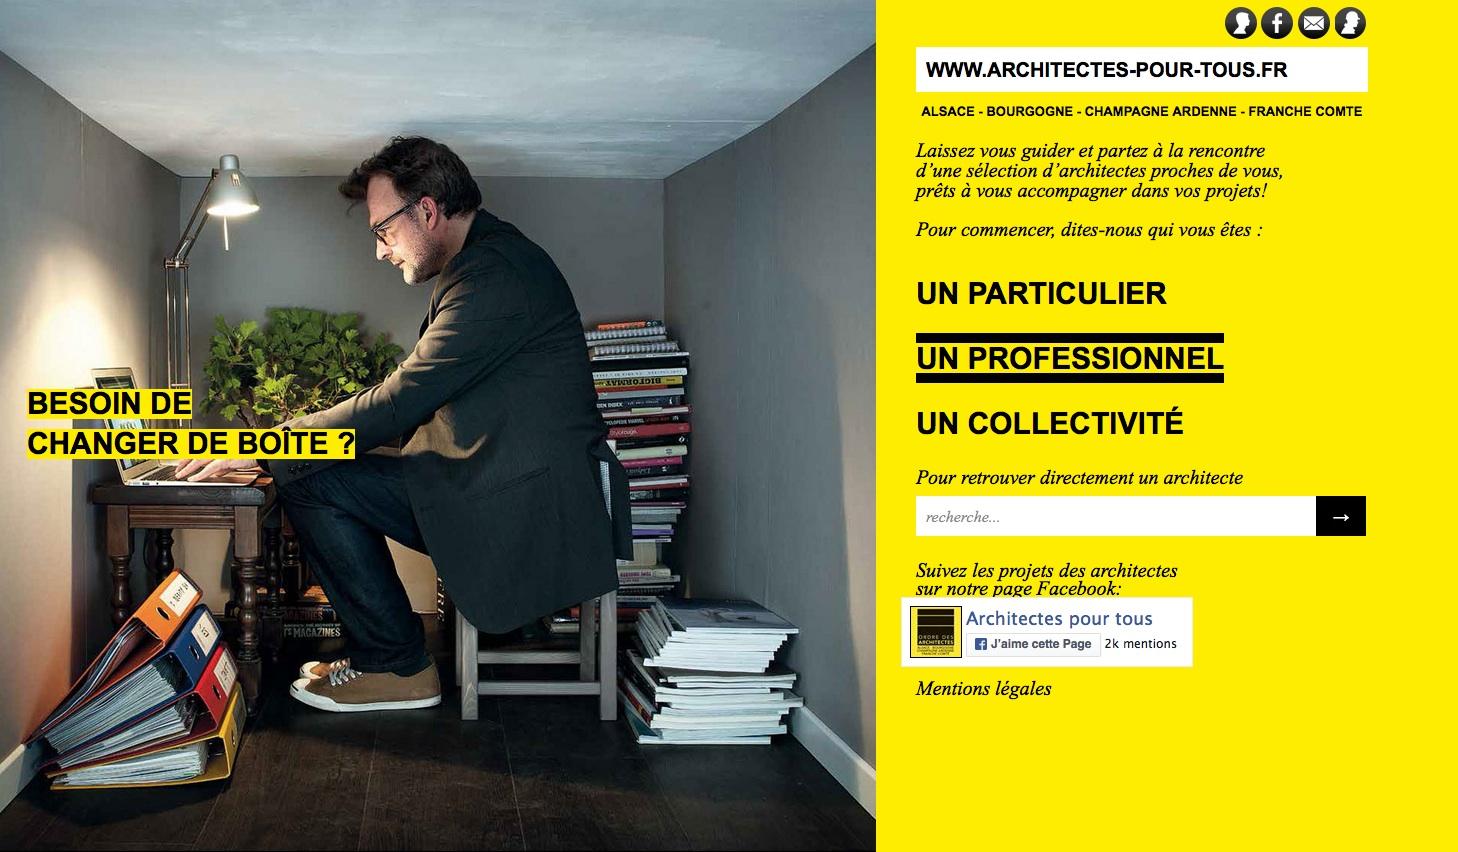 Le site internet Architectes pour tous